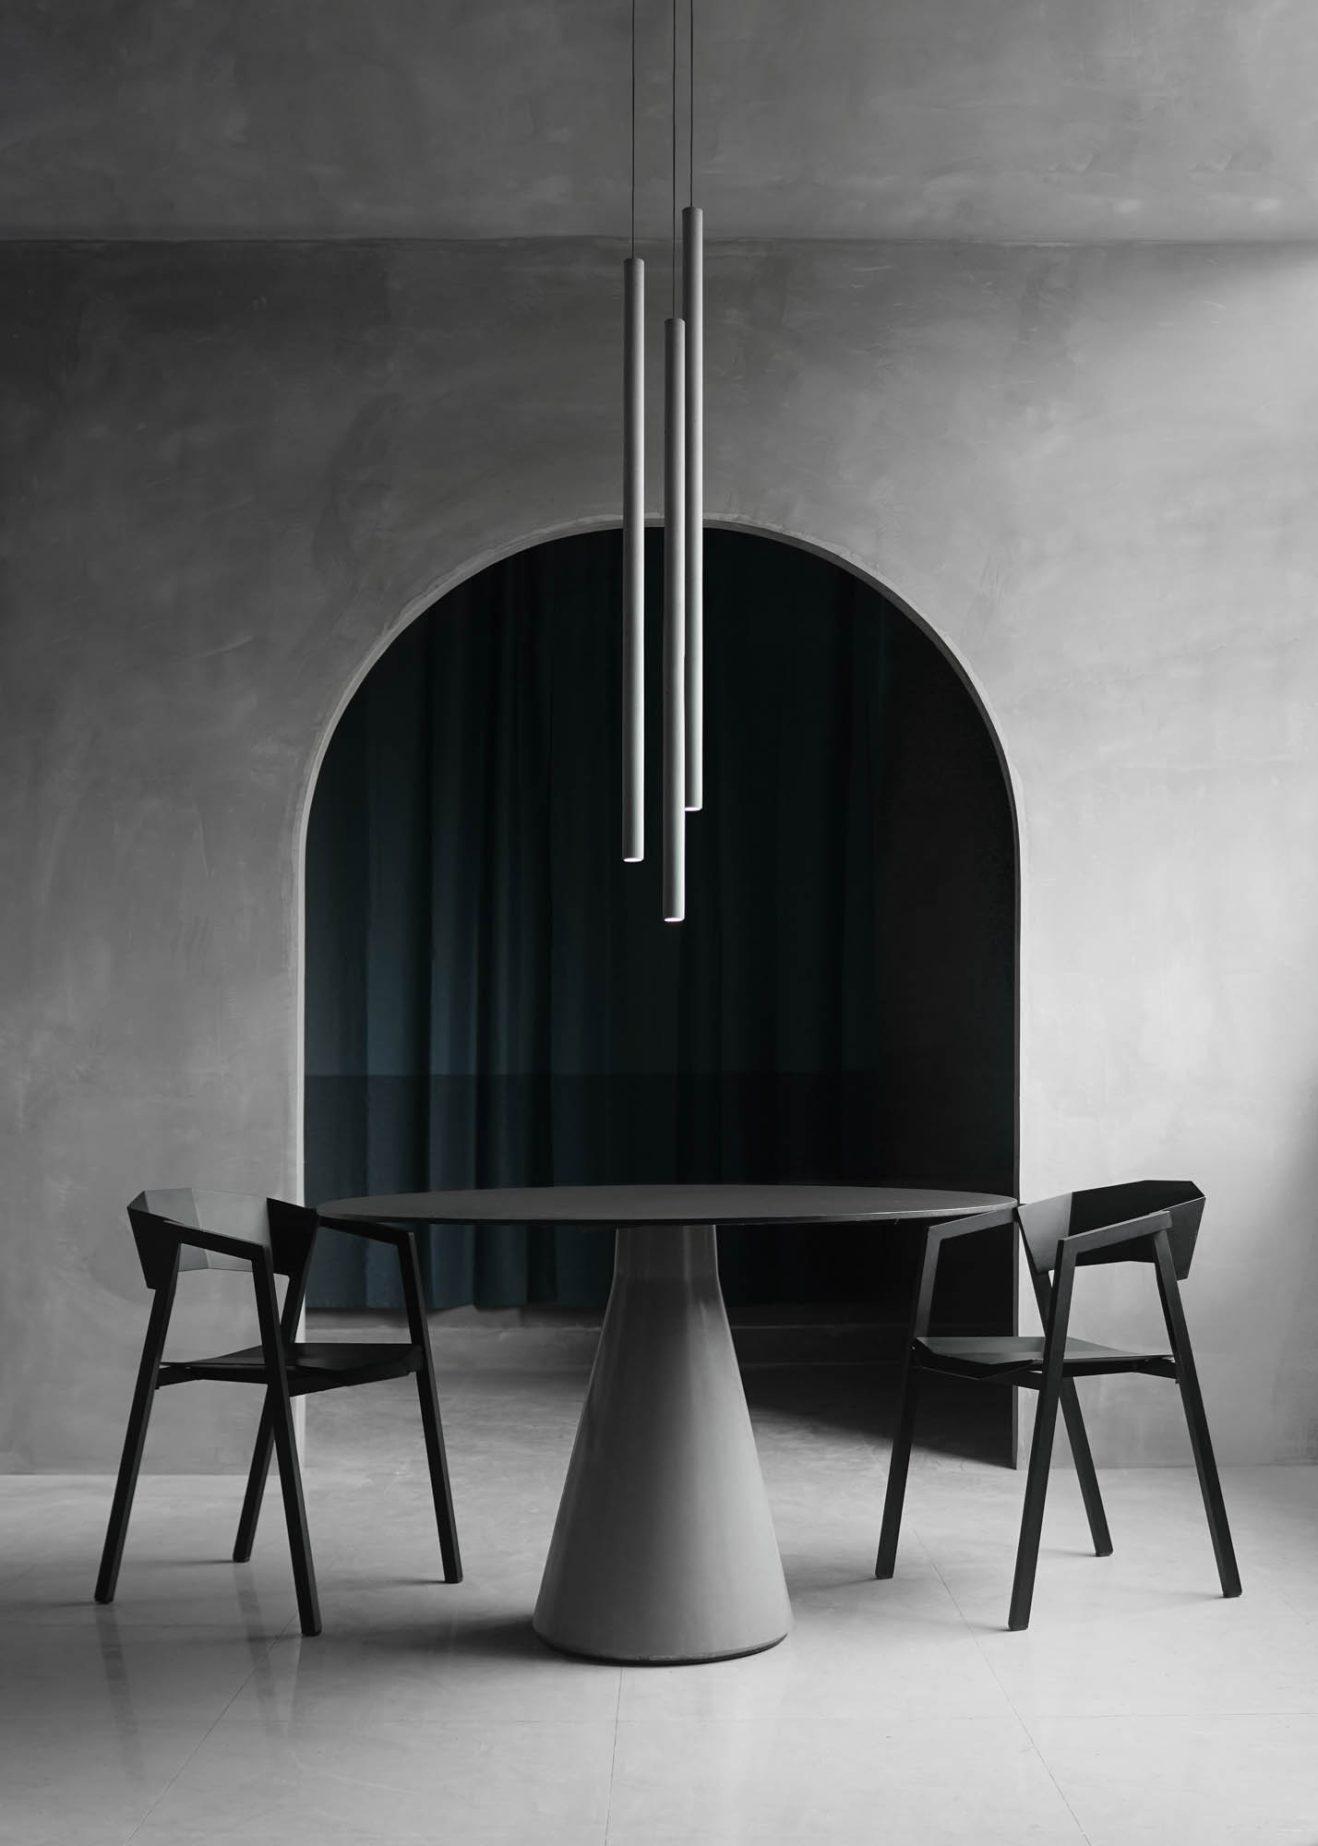 Bentu-Design-Ding-Large-Table-3